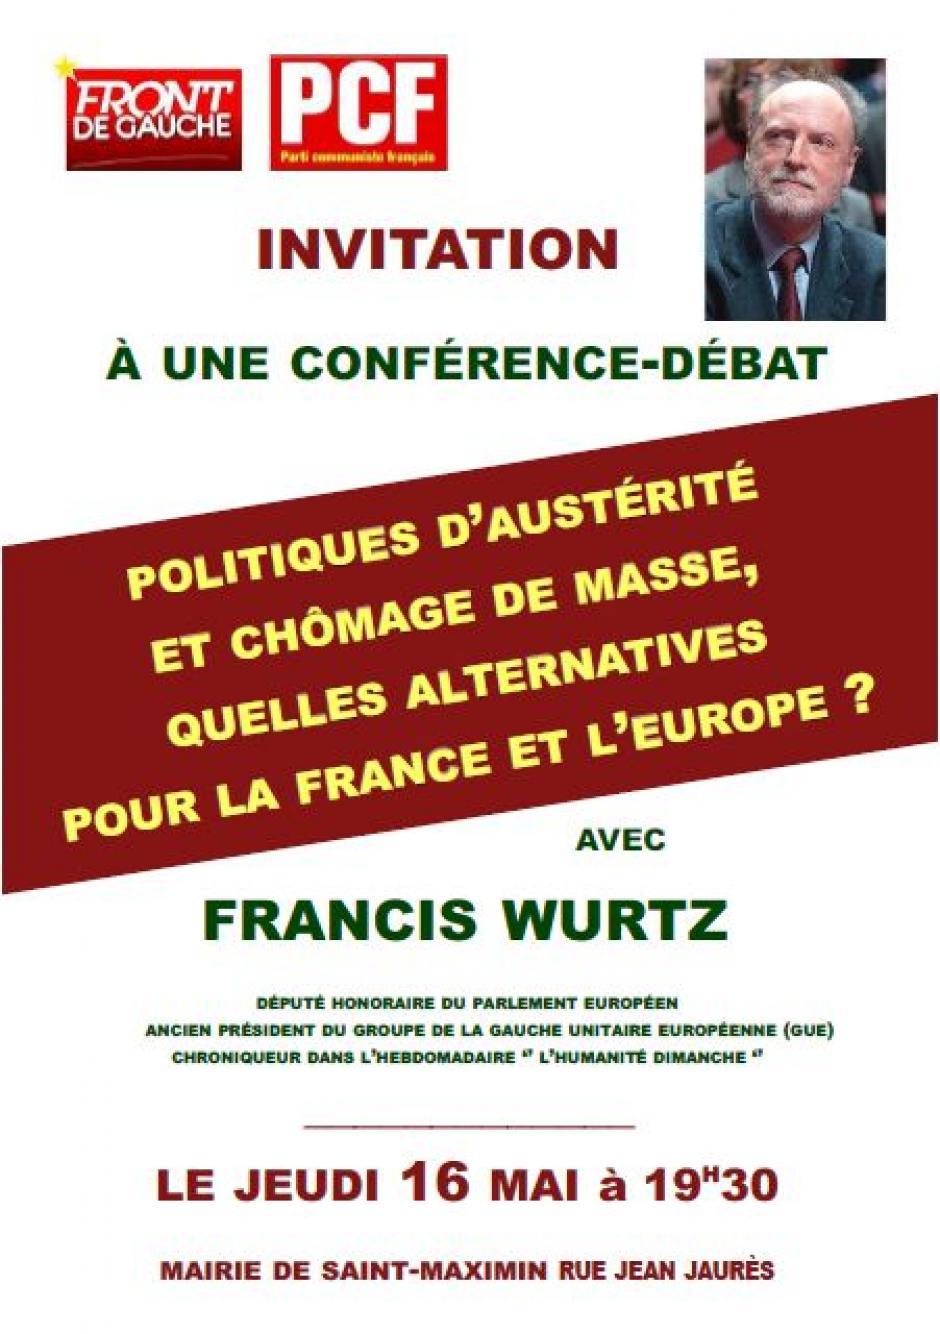 16 mai, Saint-Maximin - Conférence-débat « Politiques d'austérité et chômage de masse, quelles alternatives pour la France et l'Europe ? », avec Francis Wurtz